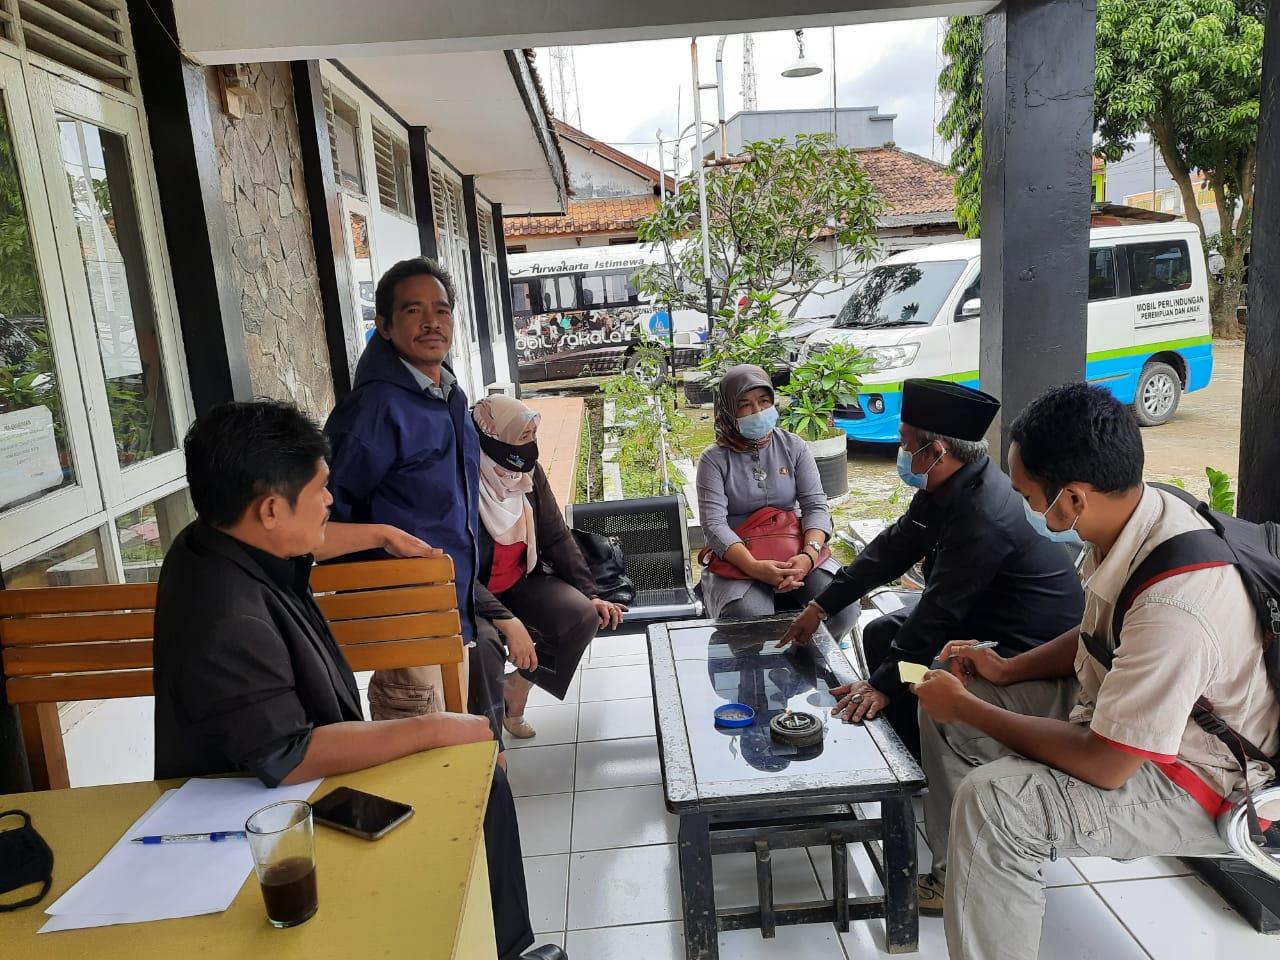 Rabu, 24 Februari 2021 Monitoring dan Evaluasi ke Desa Pasanggrahan Kecamatan Tegalwaru